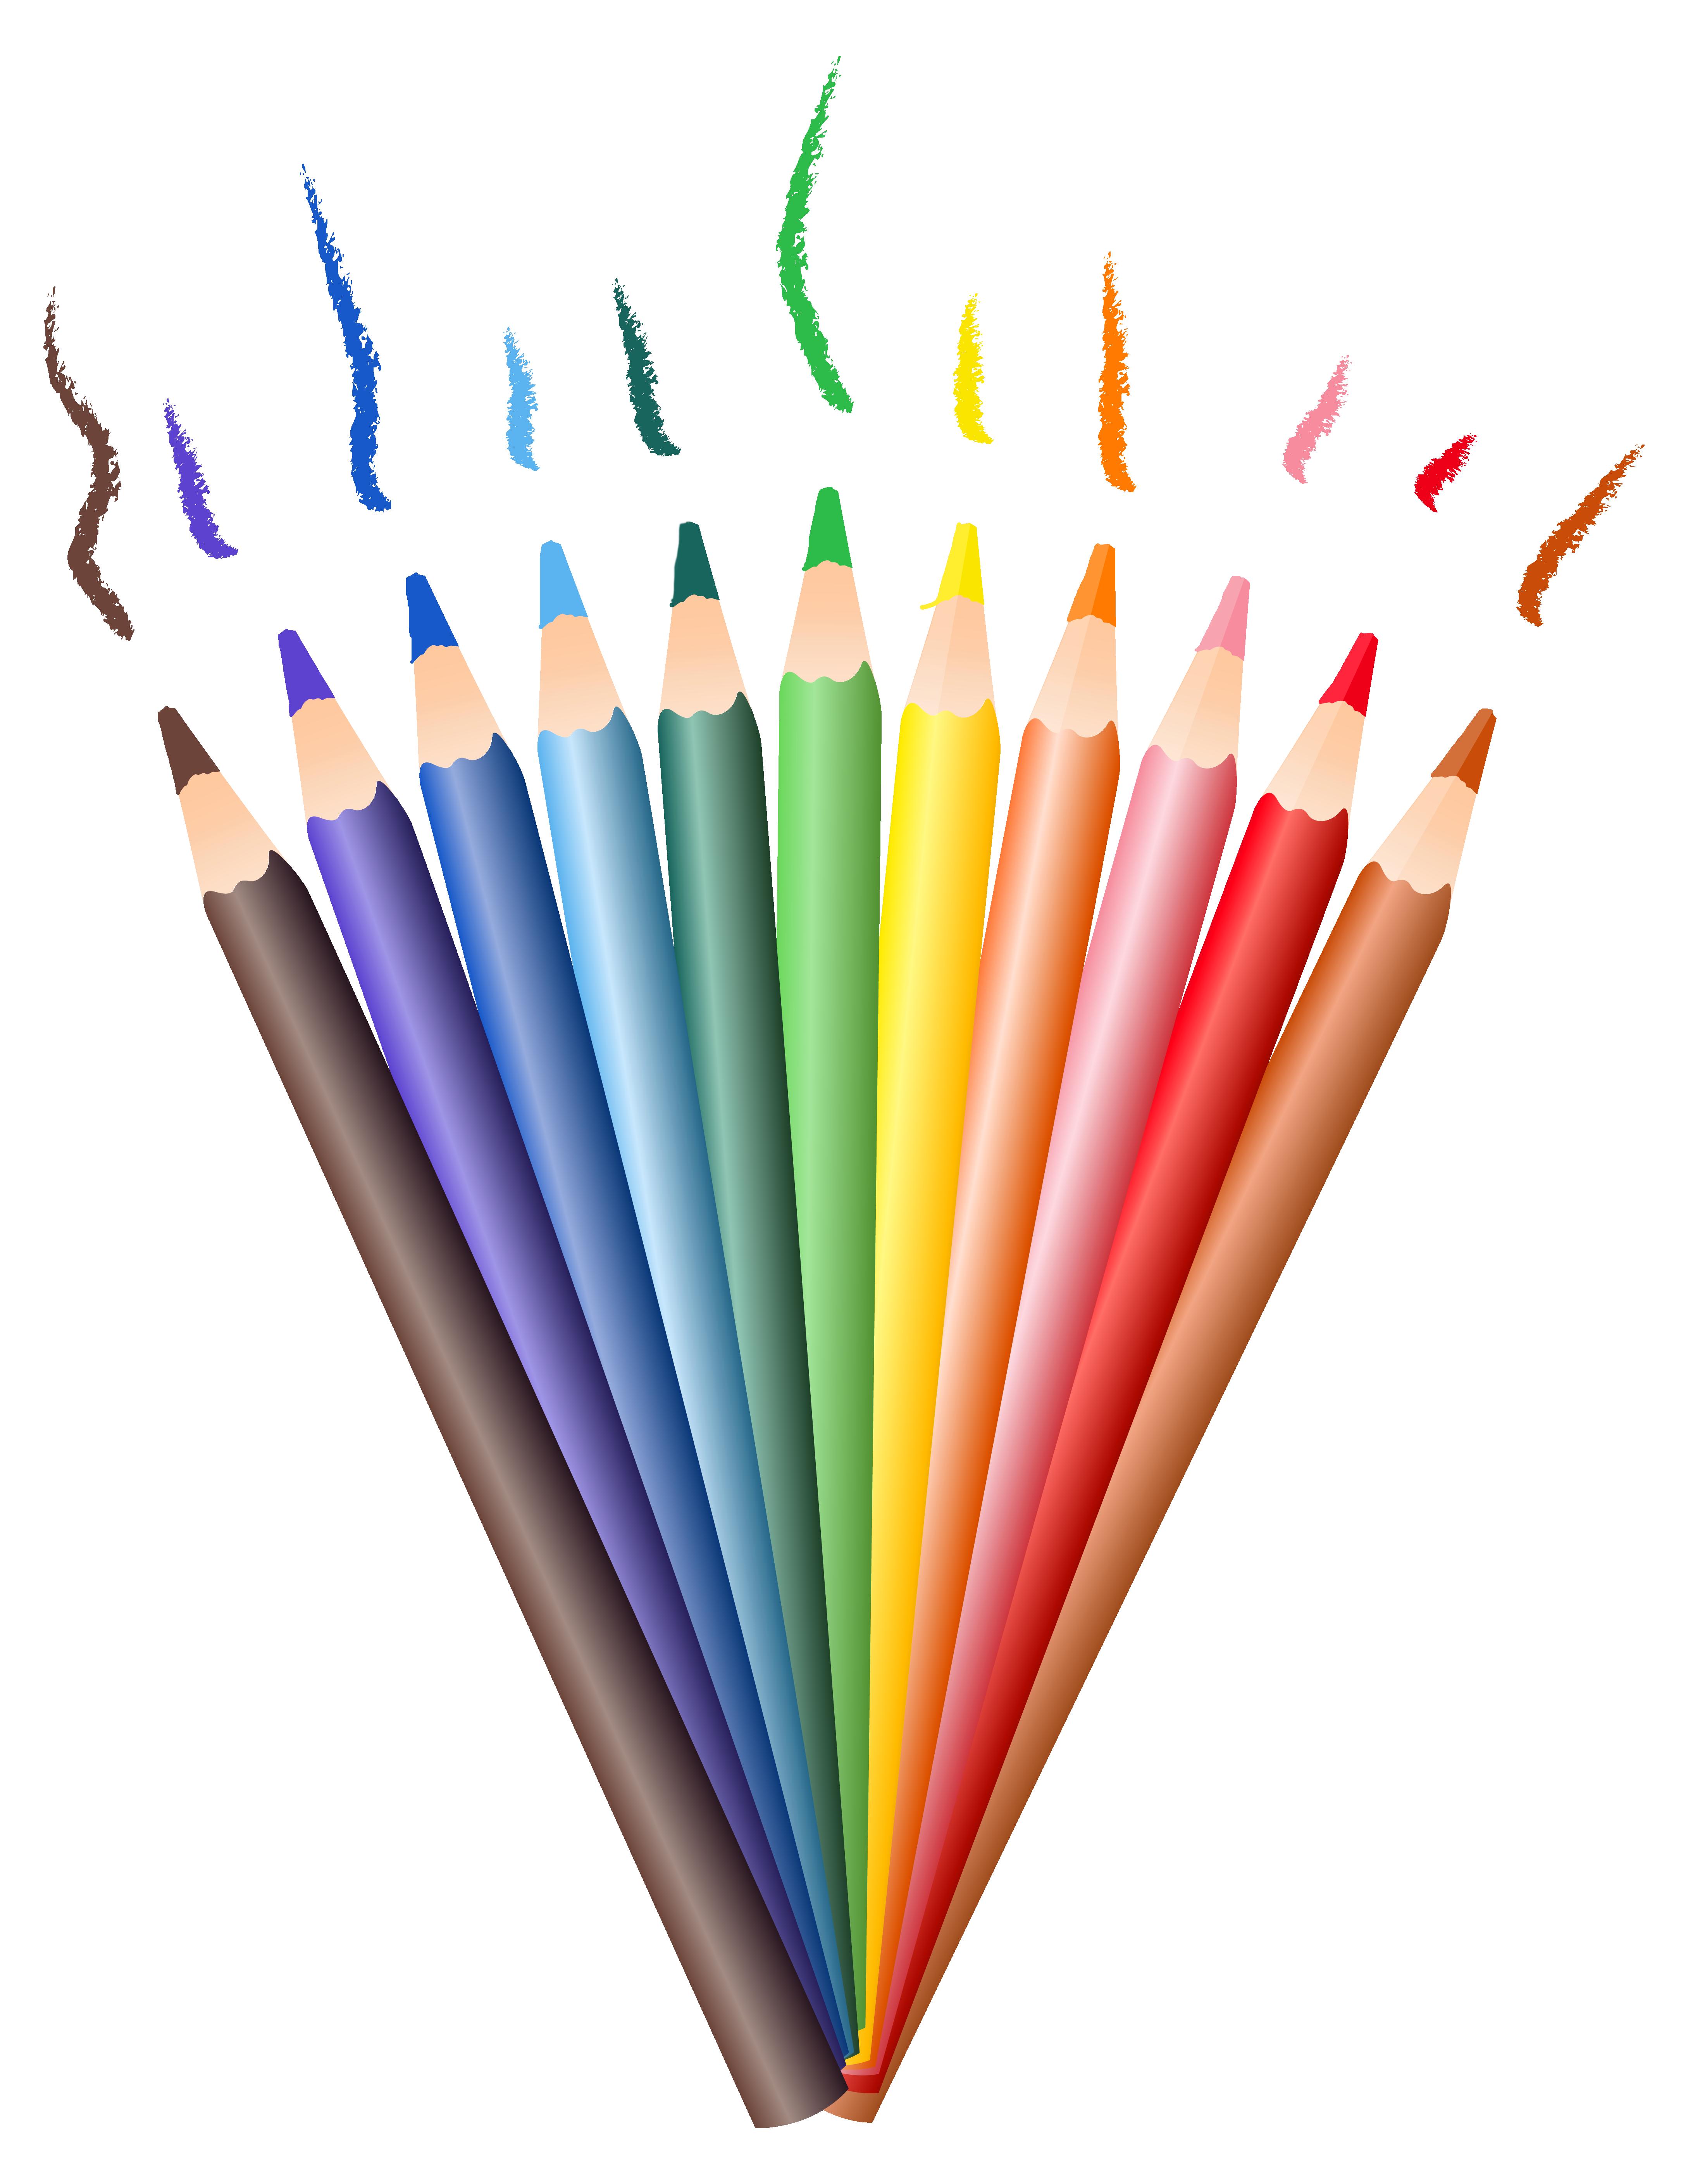 Pencil clipart pencil drawing, Pencil pencil drawing ...